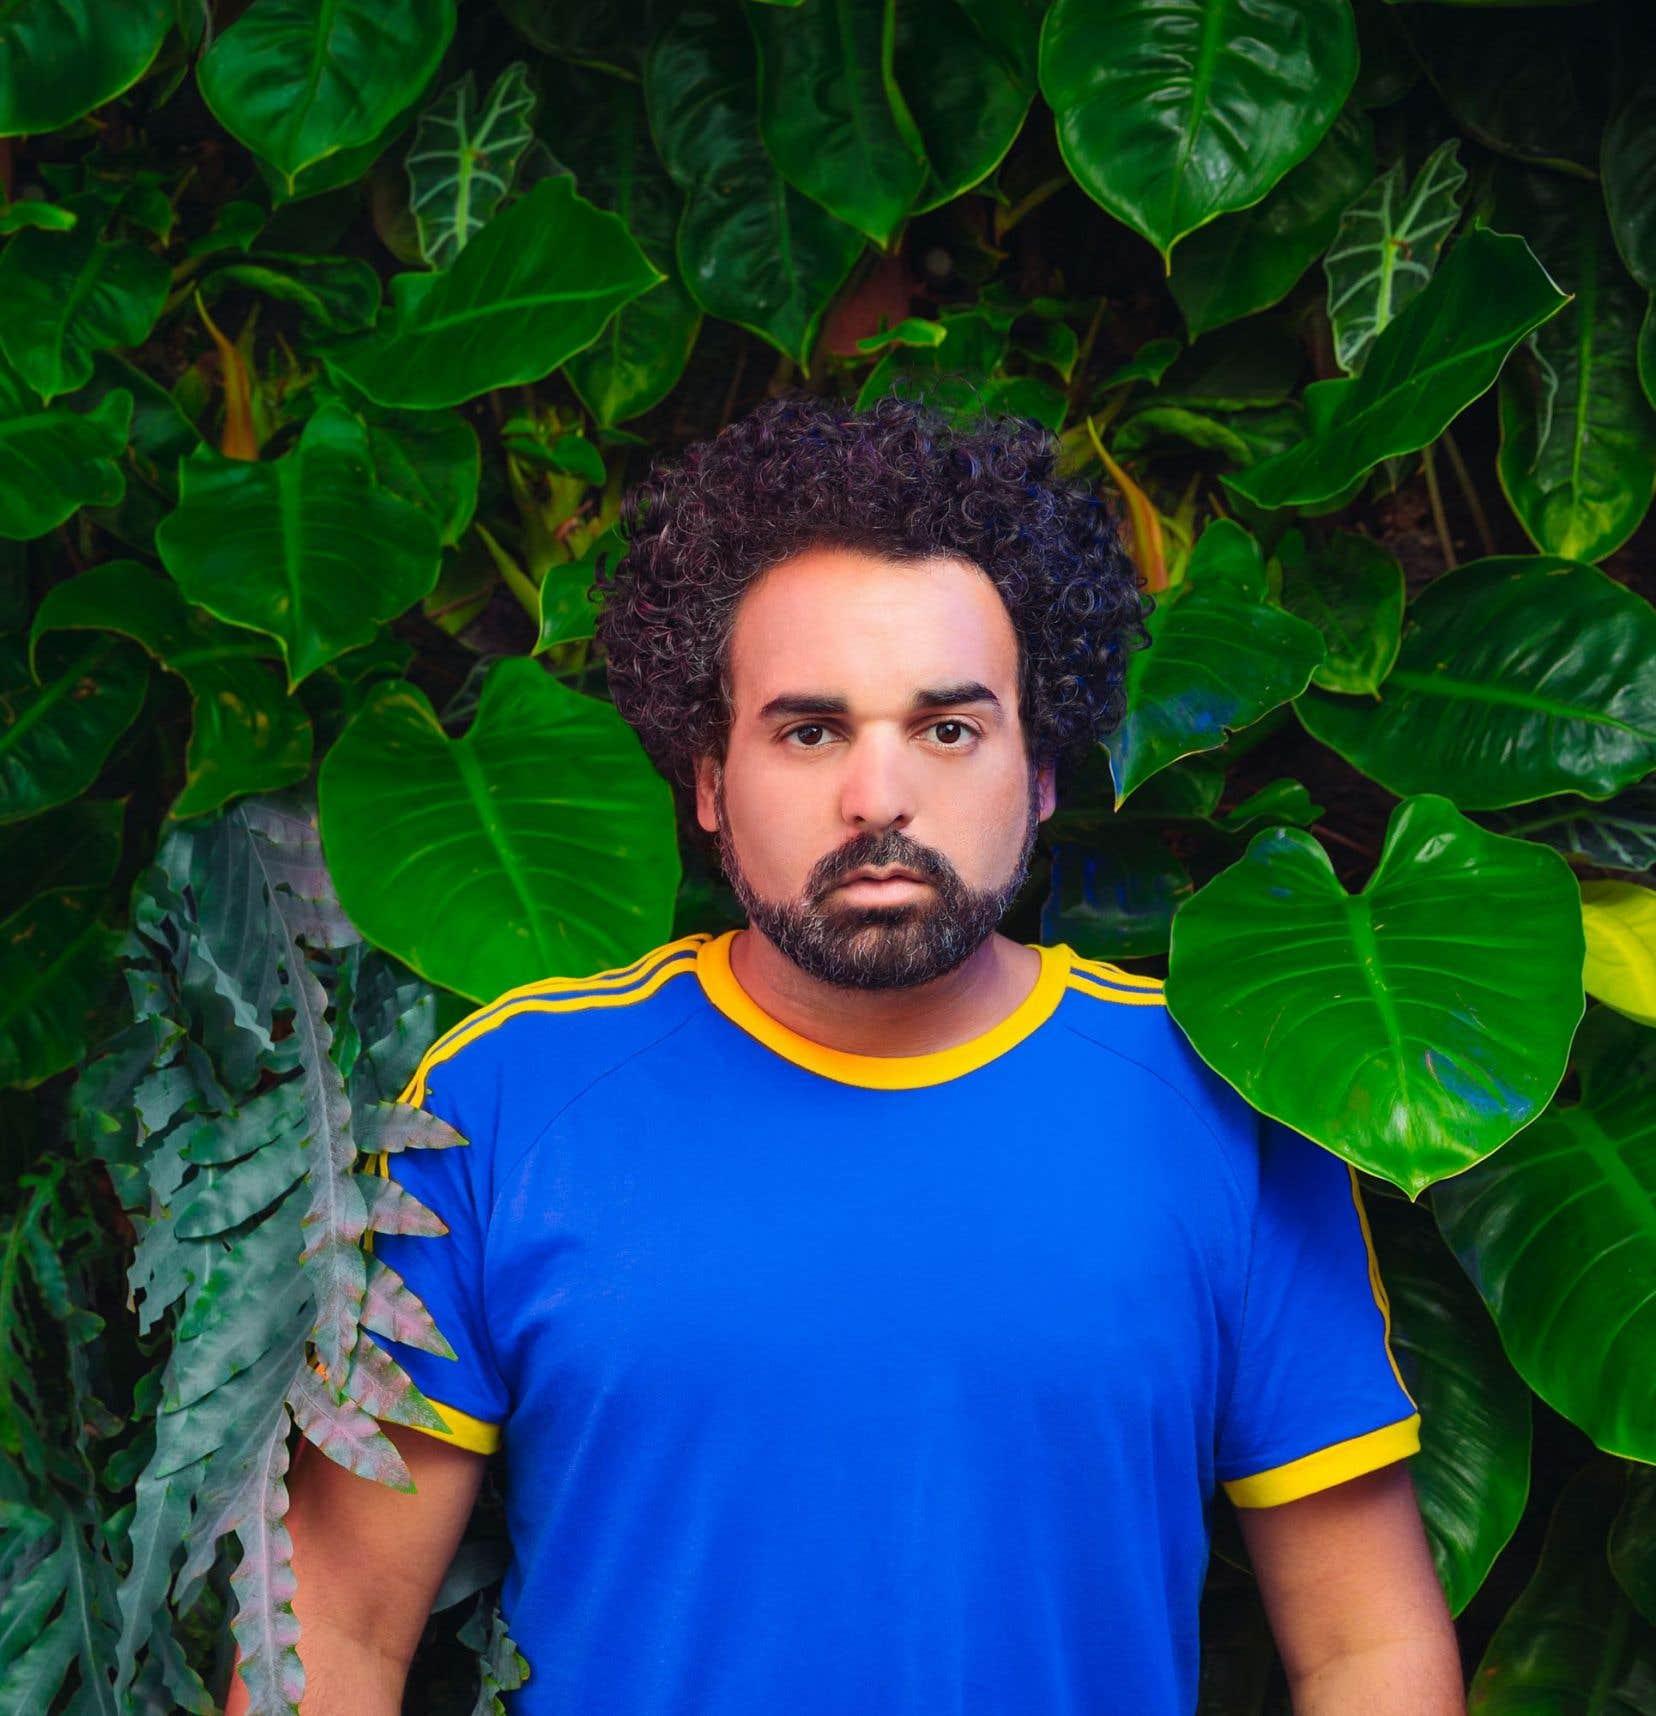 L'an dernier, King Abid a fait paraître son disque homonyme dans lequel il donne plusieurs couleurs au reggae et au dancehall.